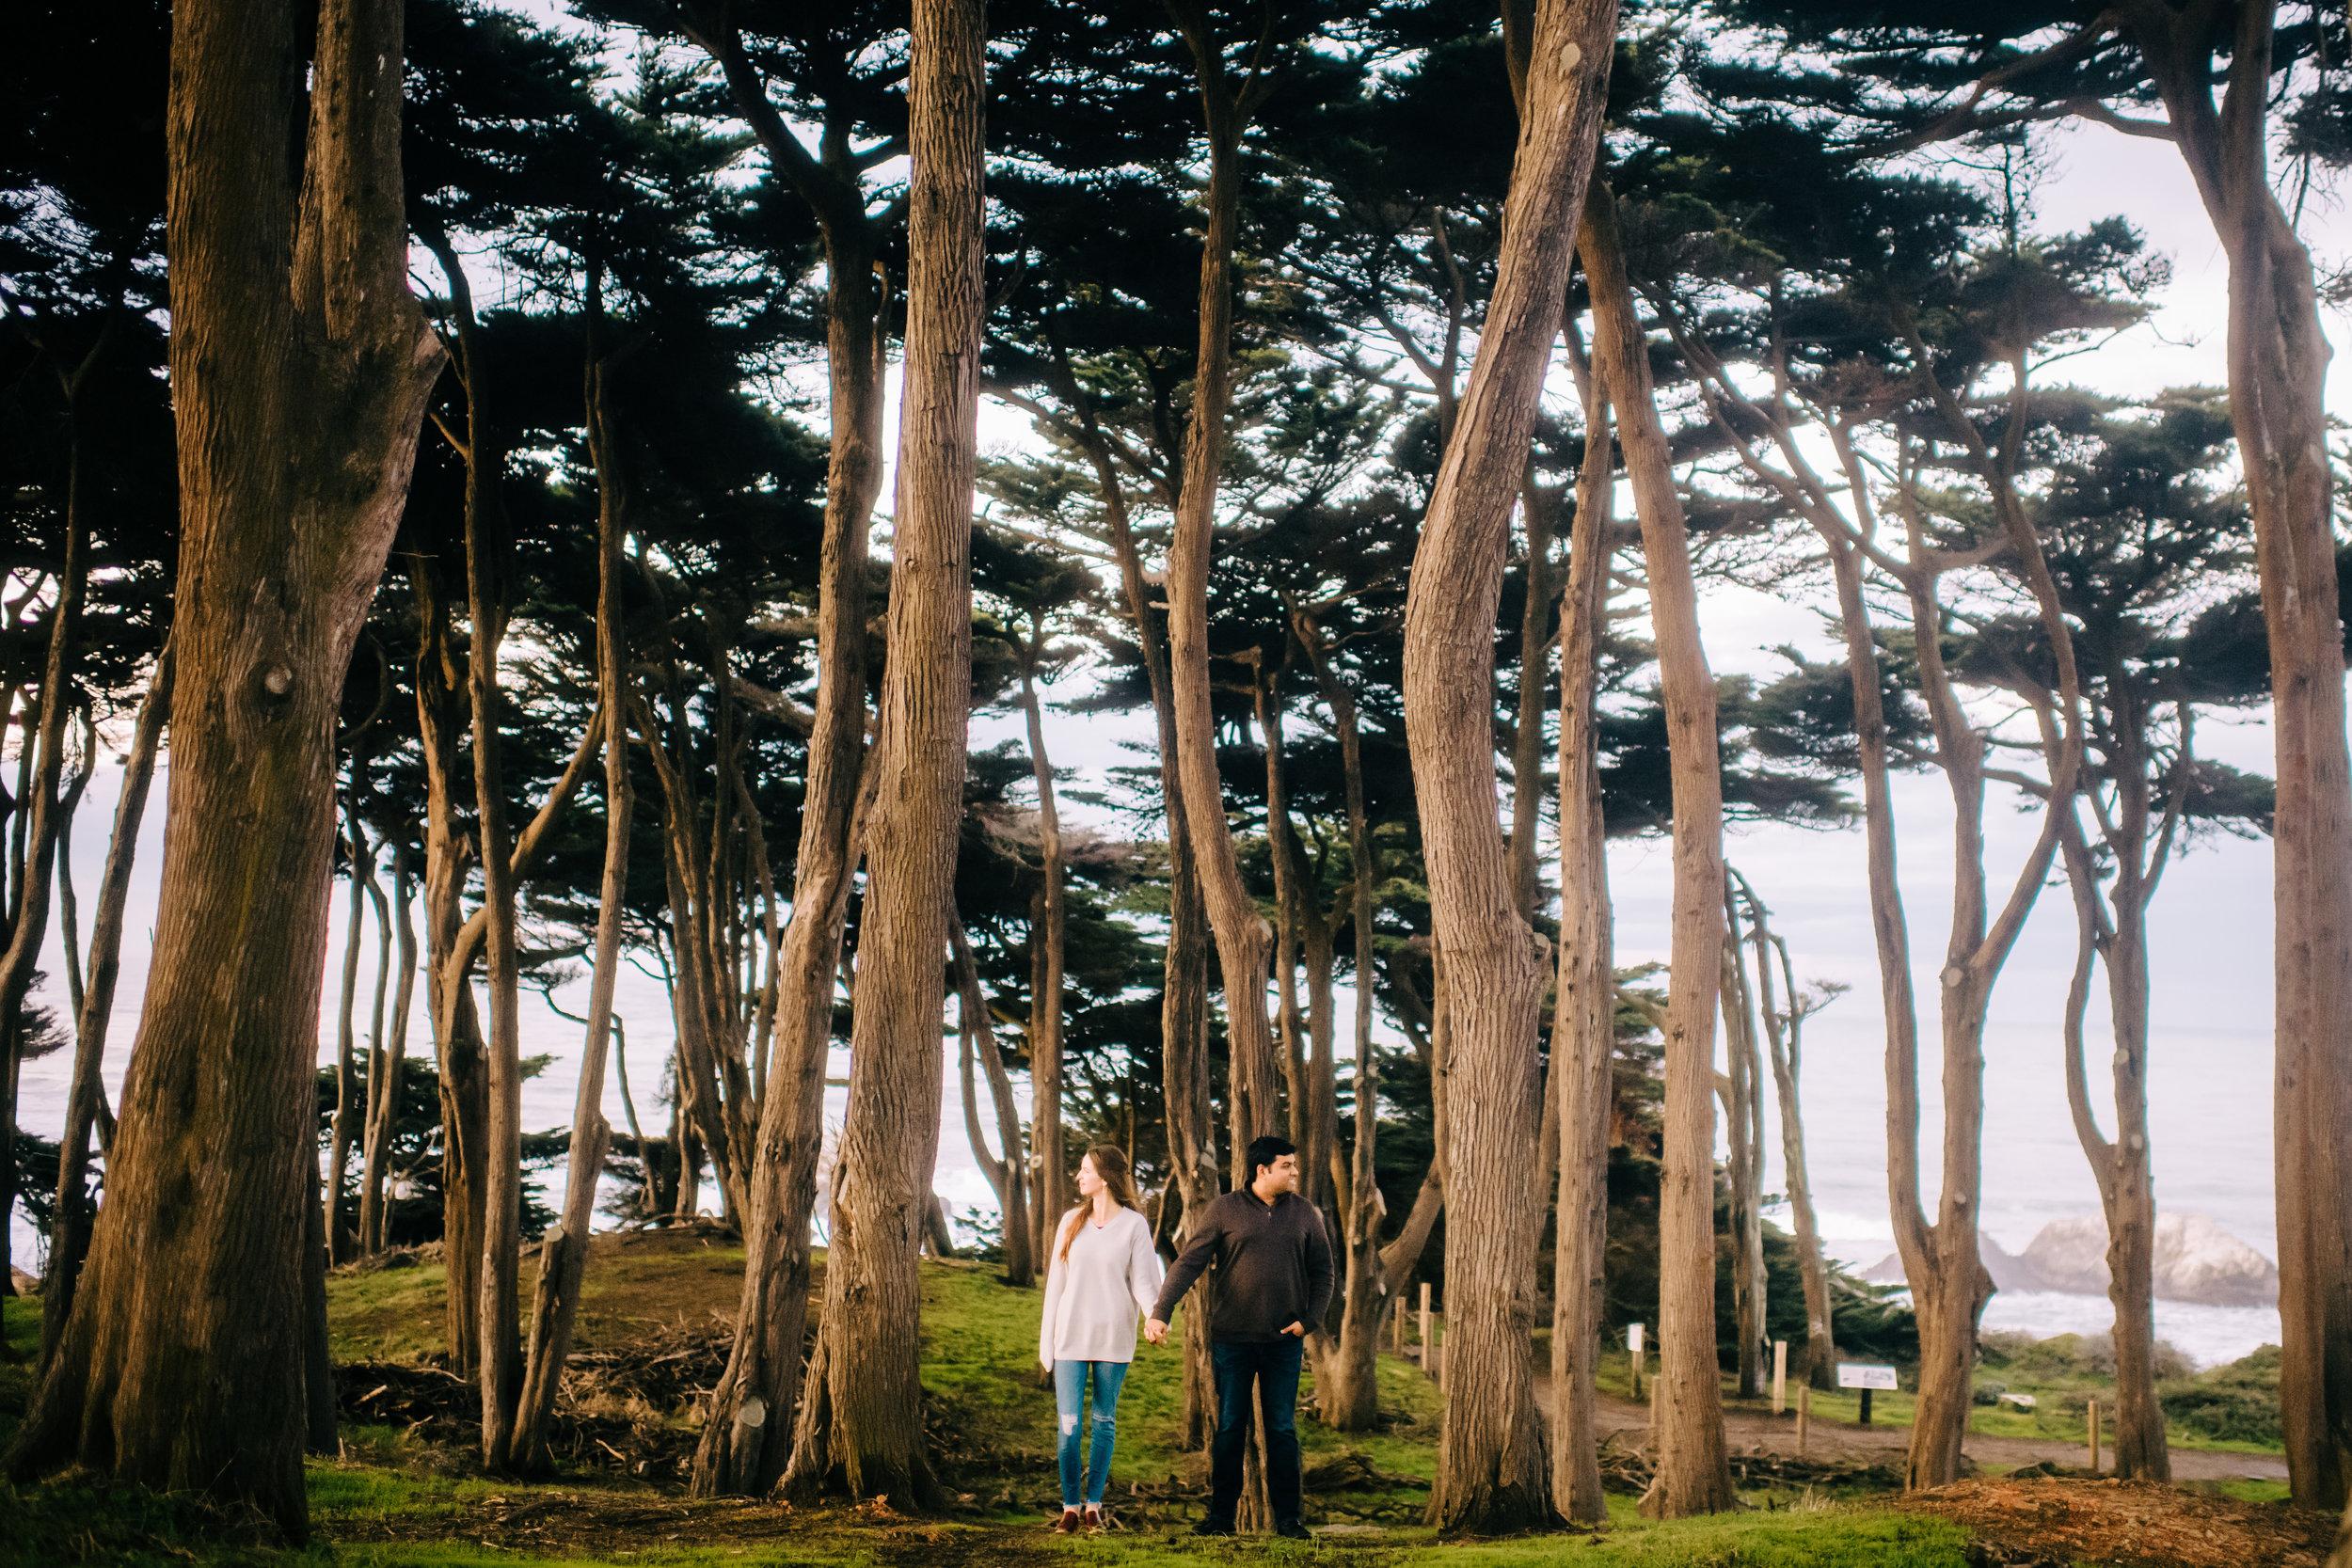 san francisco oakland bay area california sf yosemite sutro baths lands end sf  nontraditional wedding photographer -26.jpg